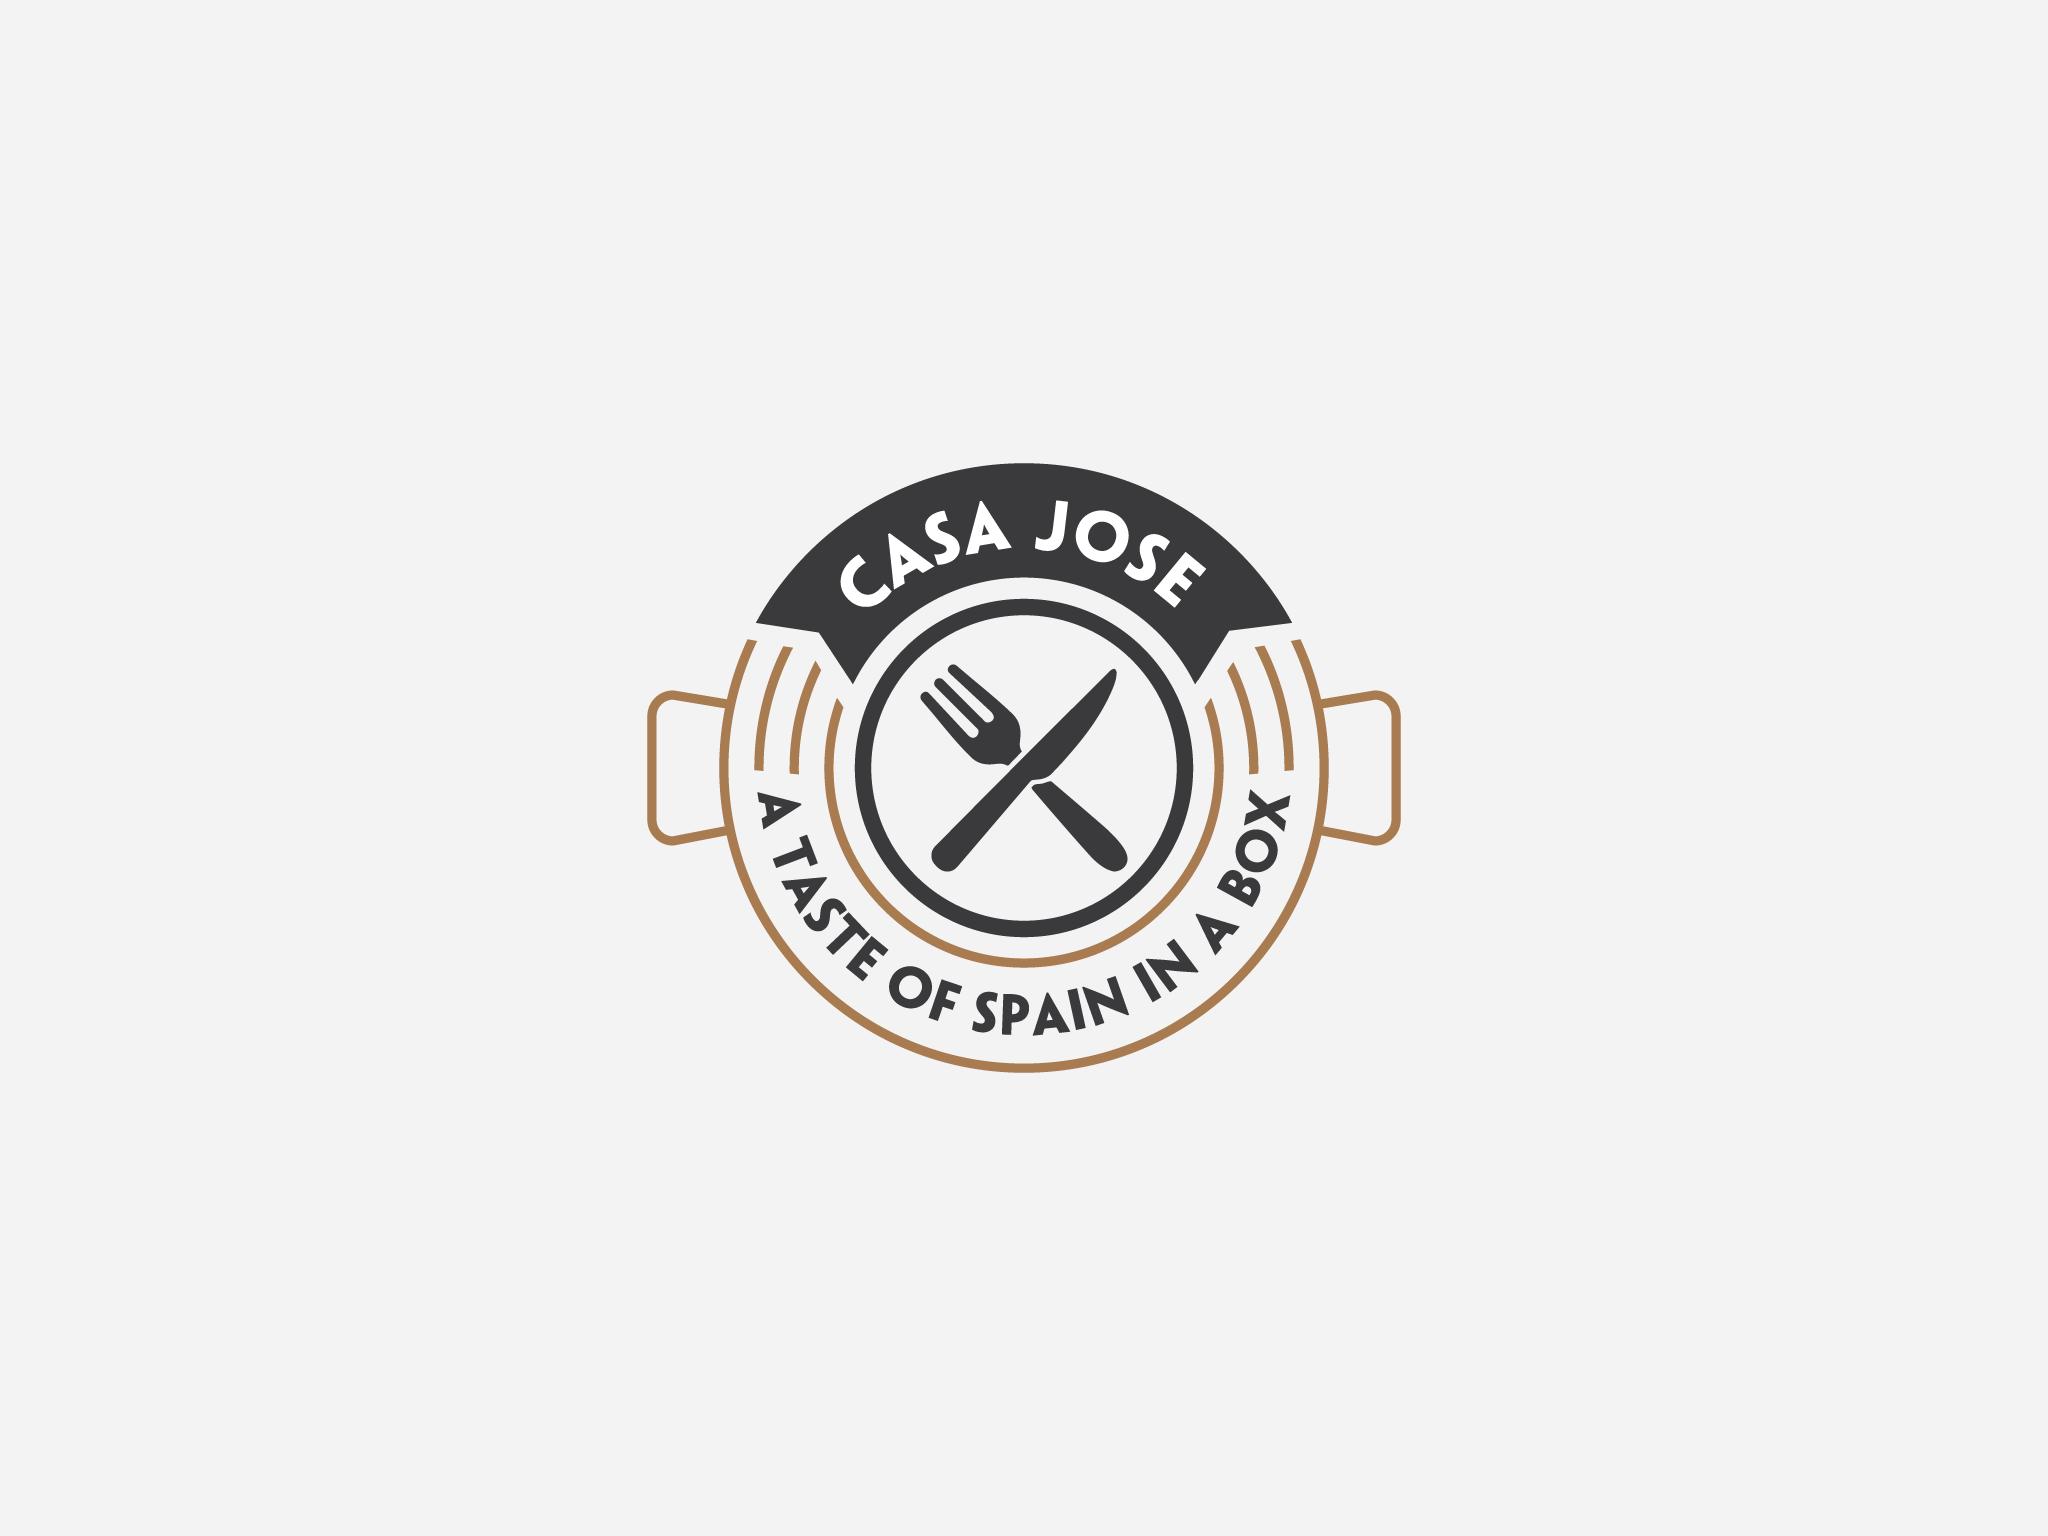 Logo Casa Jose